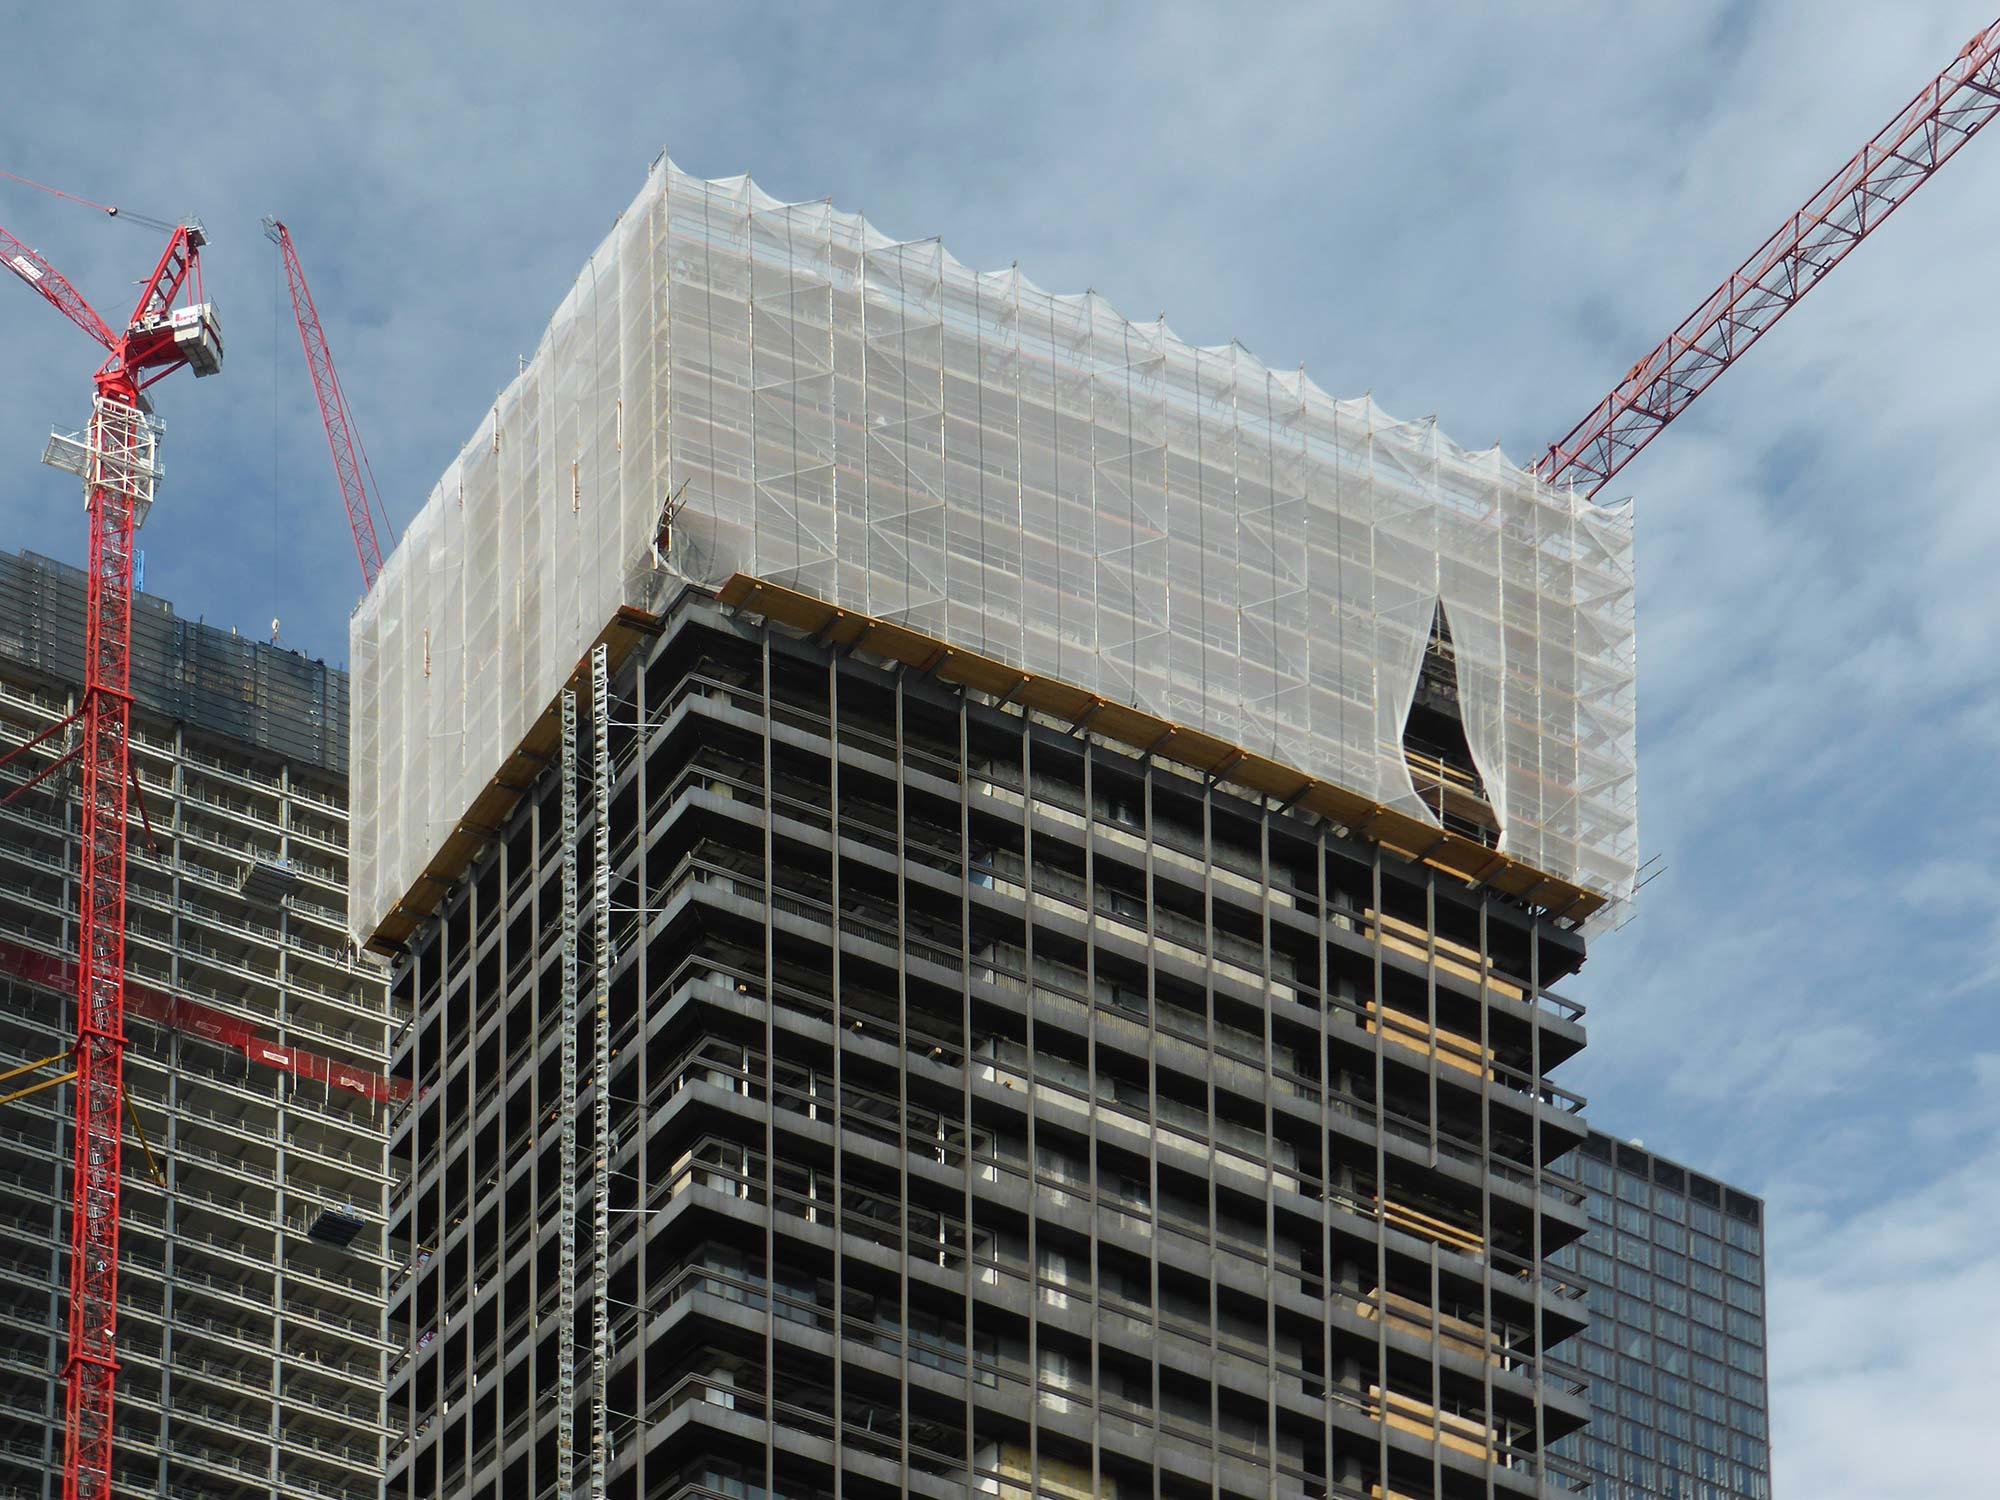 DGNB Zertifikat Vertical City - Four Frankfurt Rückbau - ehemaliges Deutsche Bank IBCF Hochhaus wurde zurückgebaut - hier im Jahr 2018